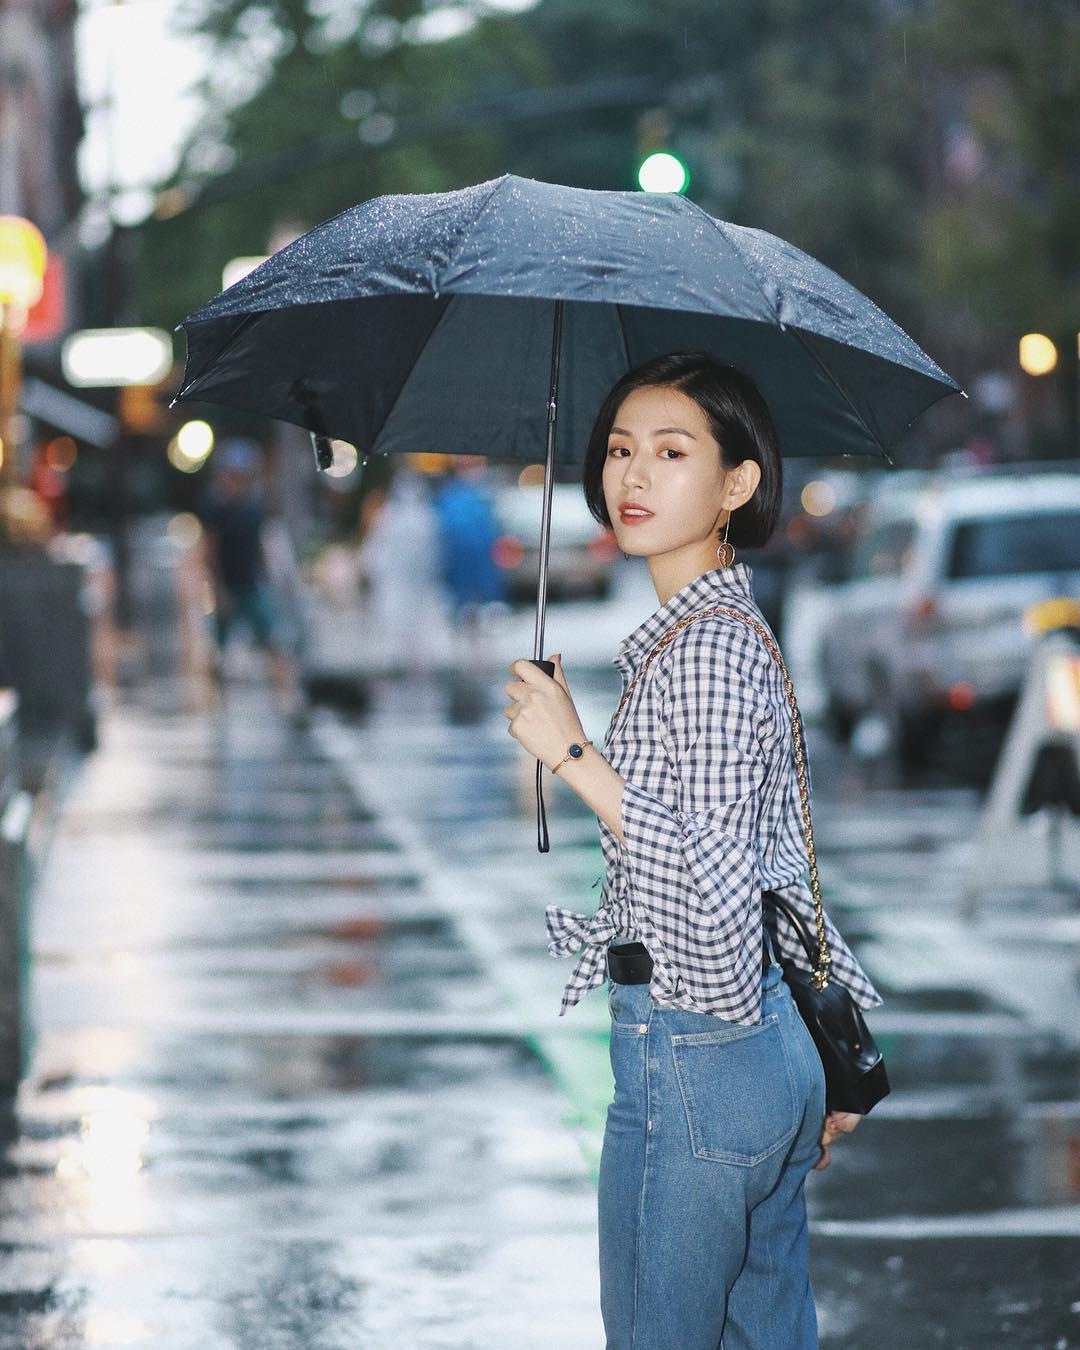 Trời mưa gió, chị em nên tránh đi mấy kiểu giày này để không bị ướt nhẹp - Ảnh 1.